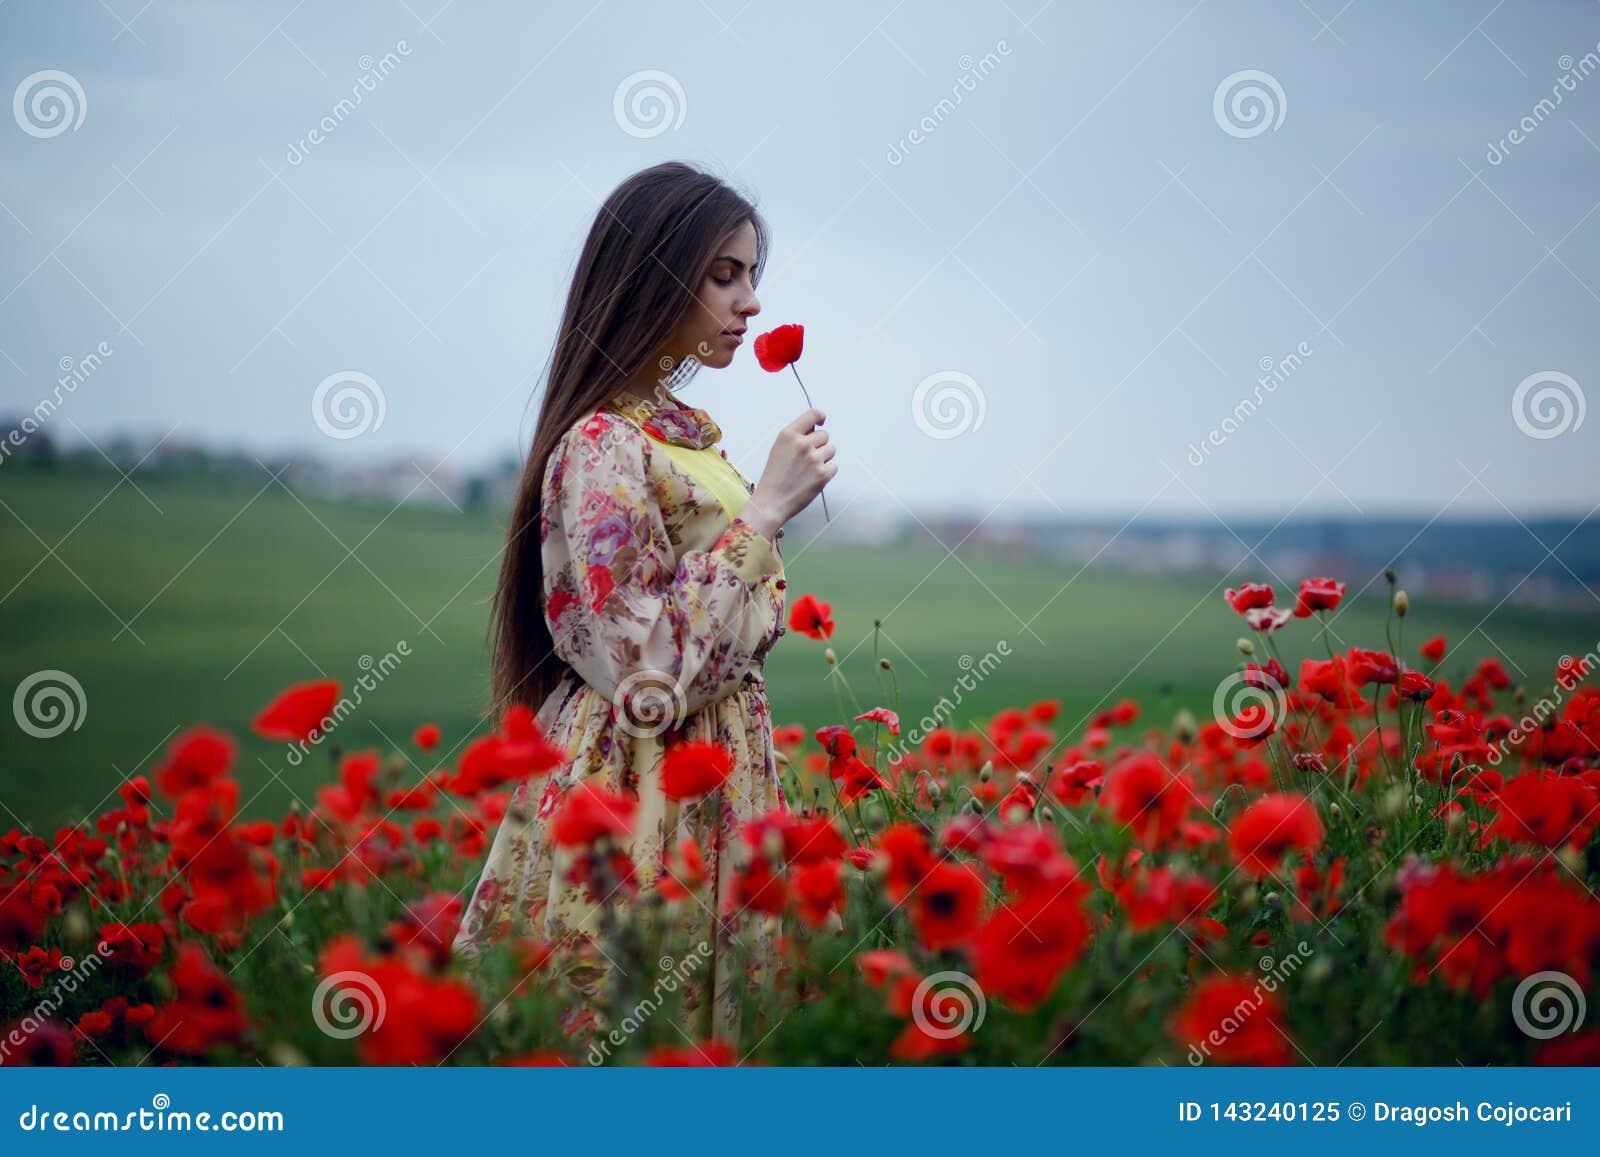 一个美丽的长发女孩的档案一件精美花服的收集并且嗅到在领域的鸦片